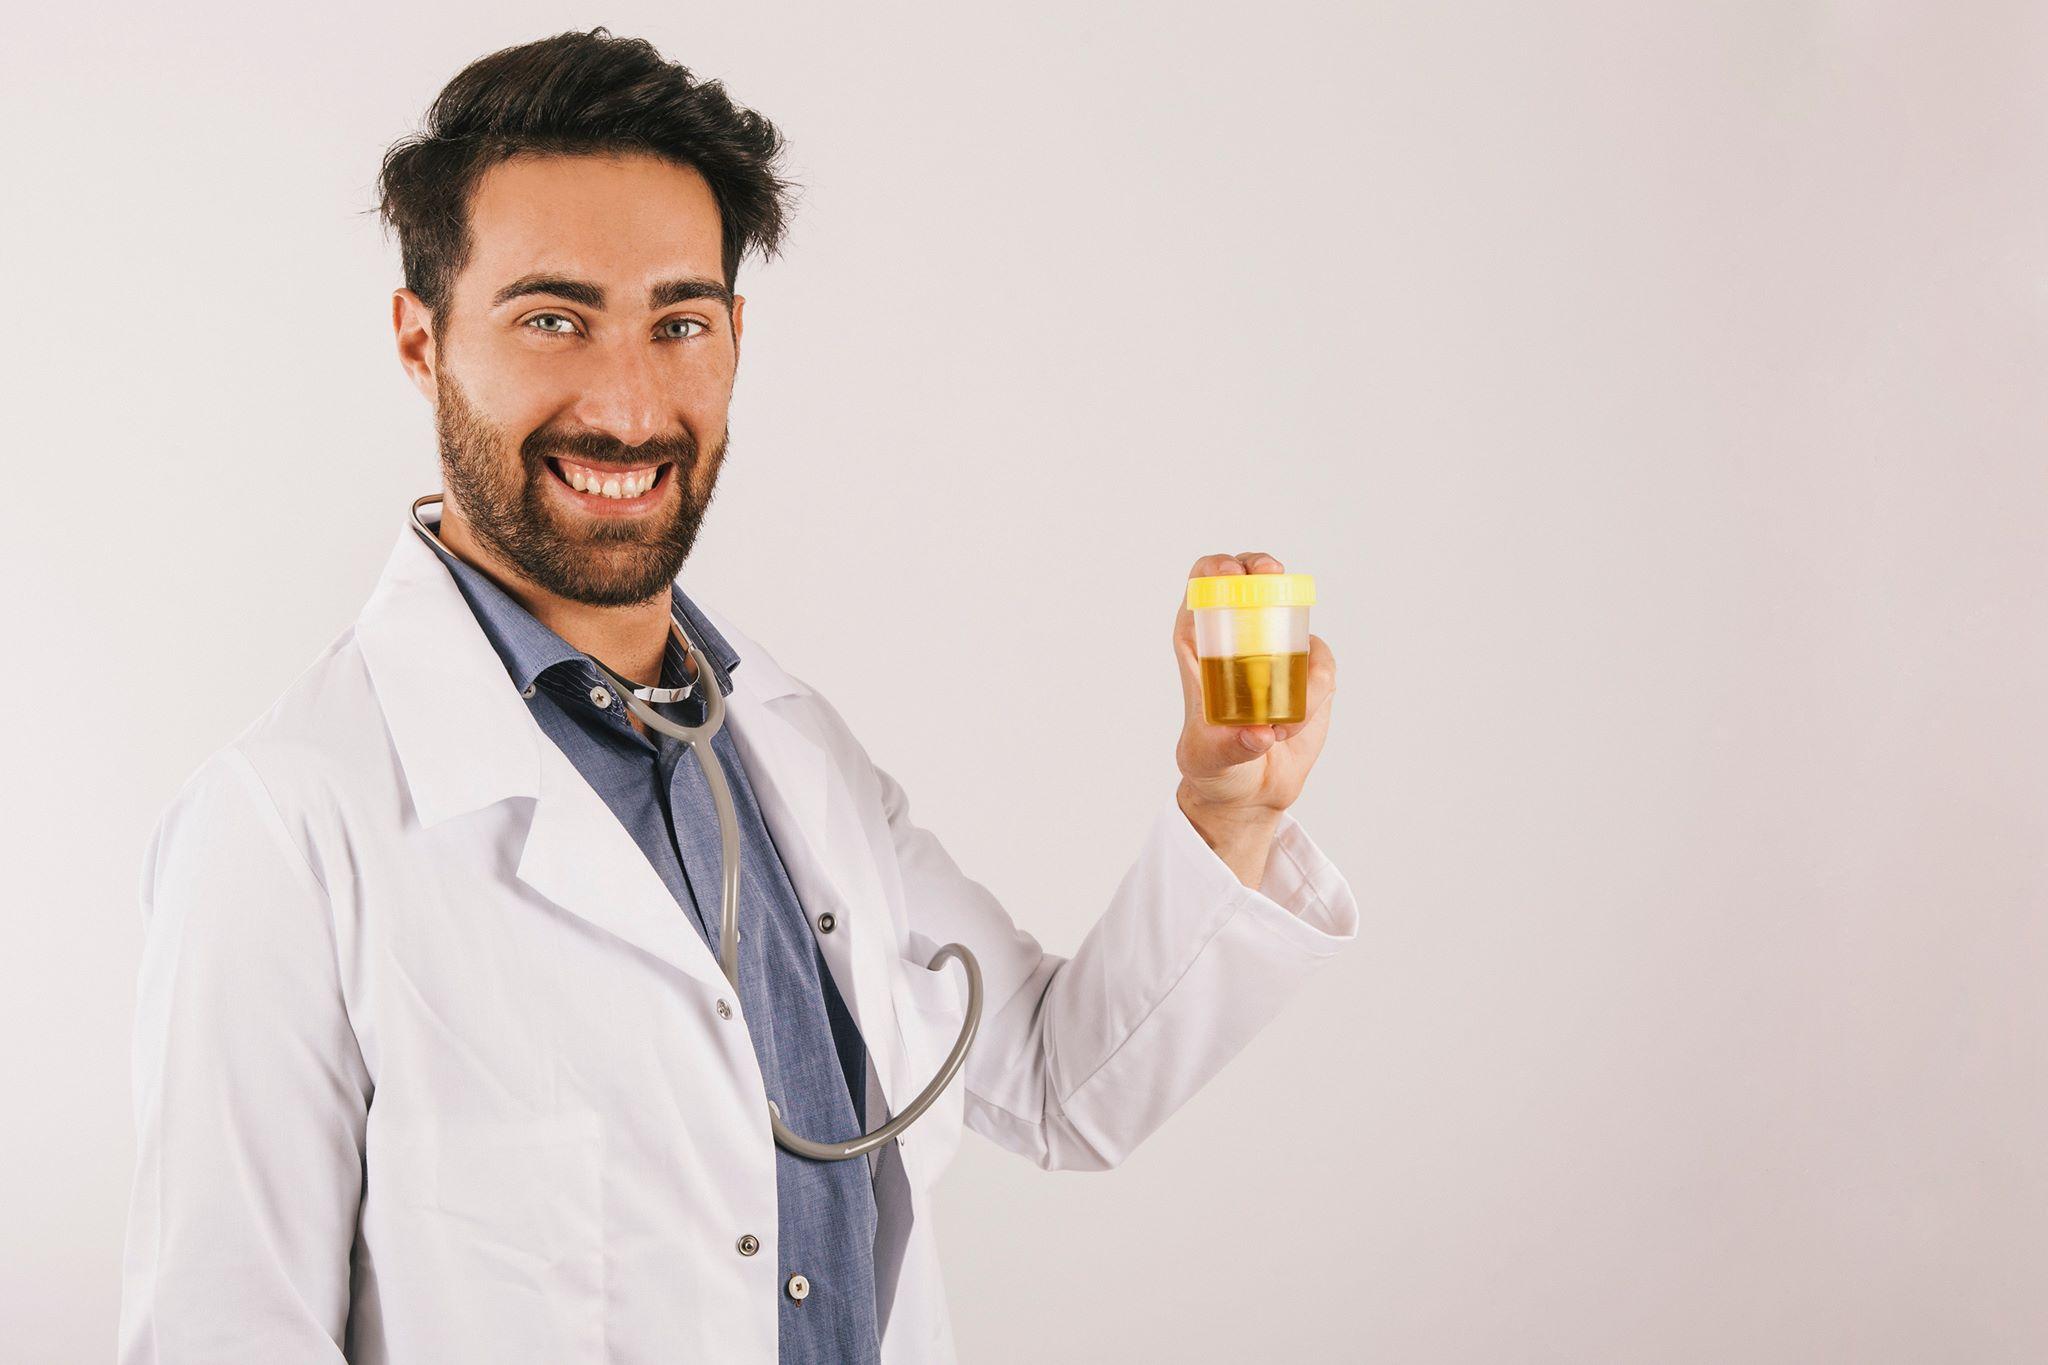 dottoressa urologia milano massaggio prostatico diagnostico